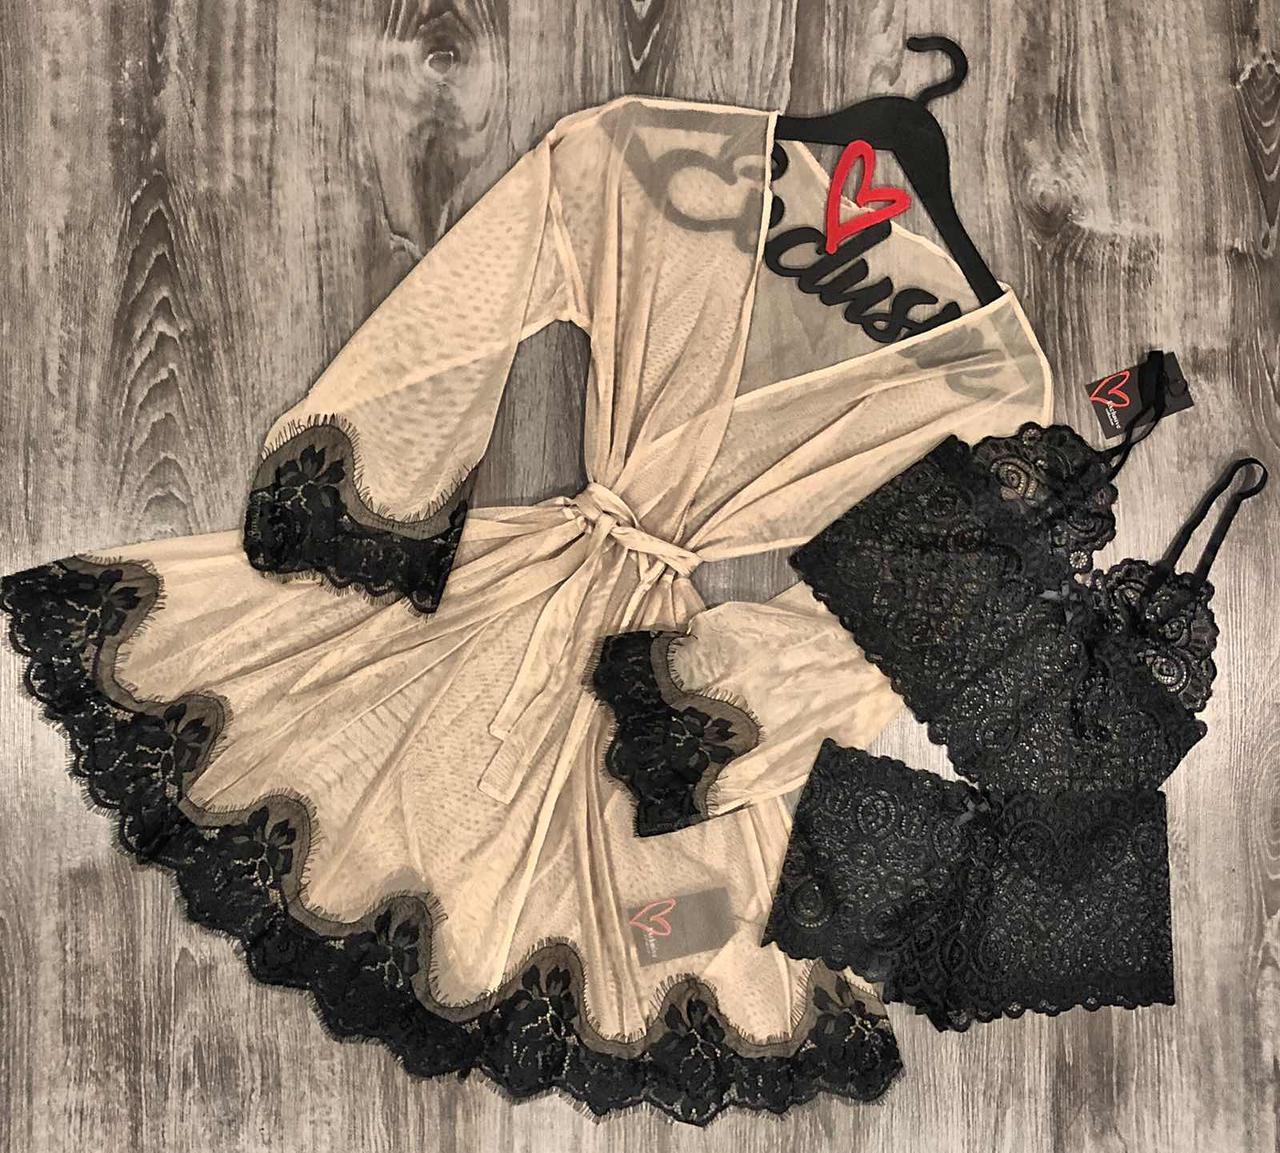 Халат из микросетки +комплект нижнего белья, домашняя одежда.